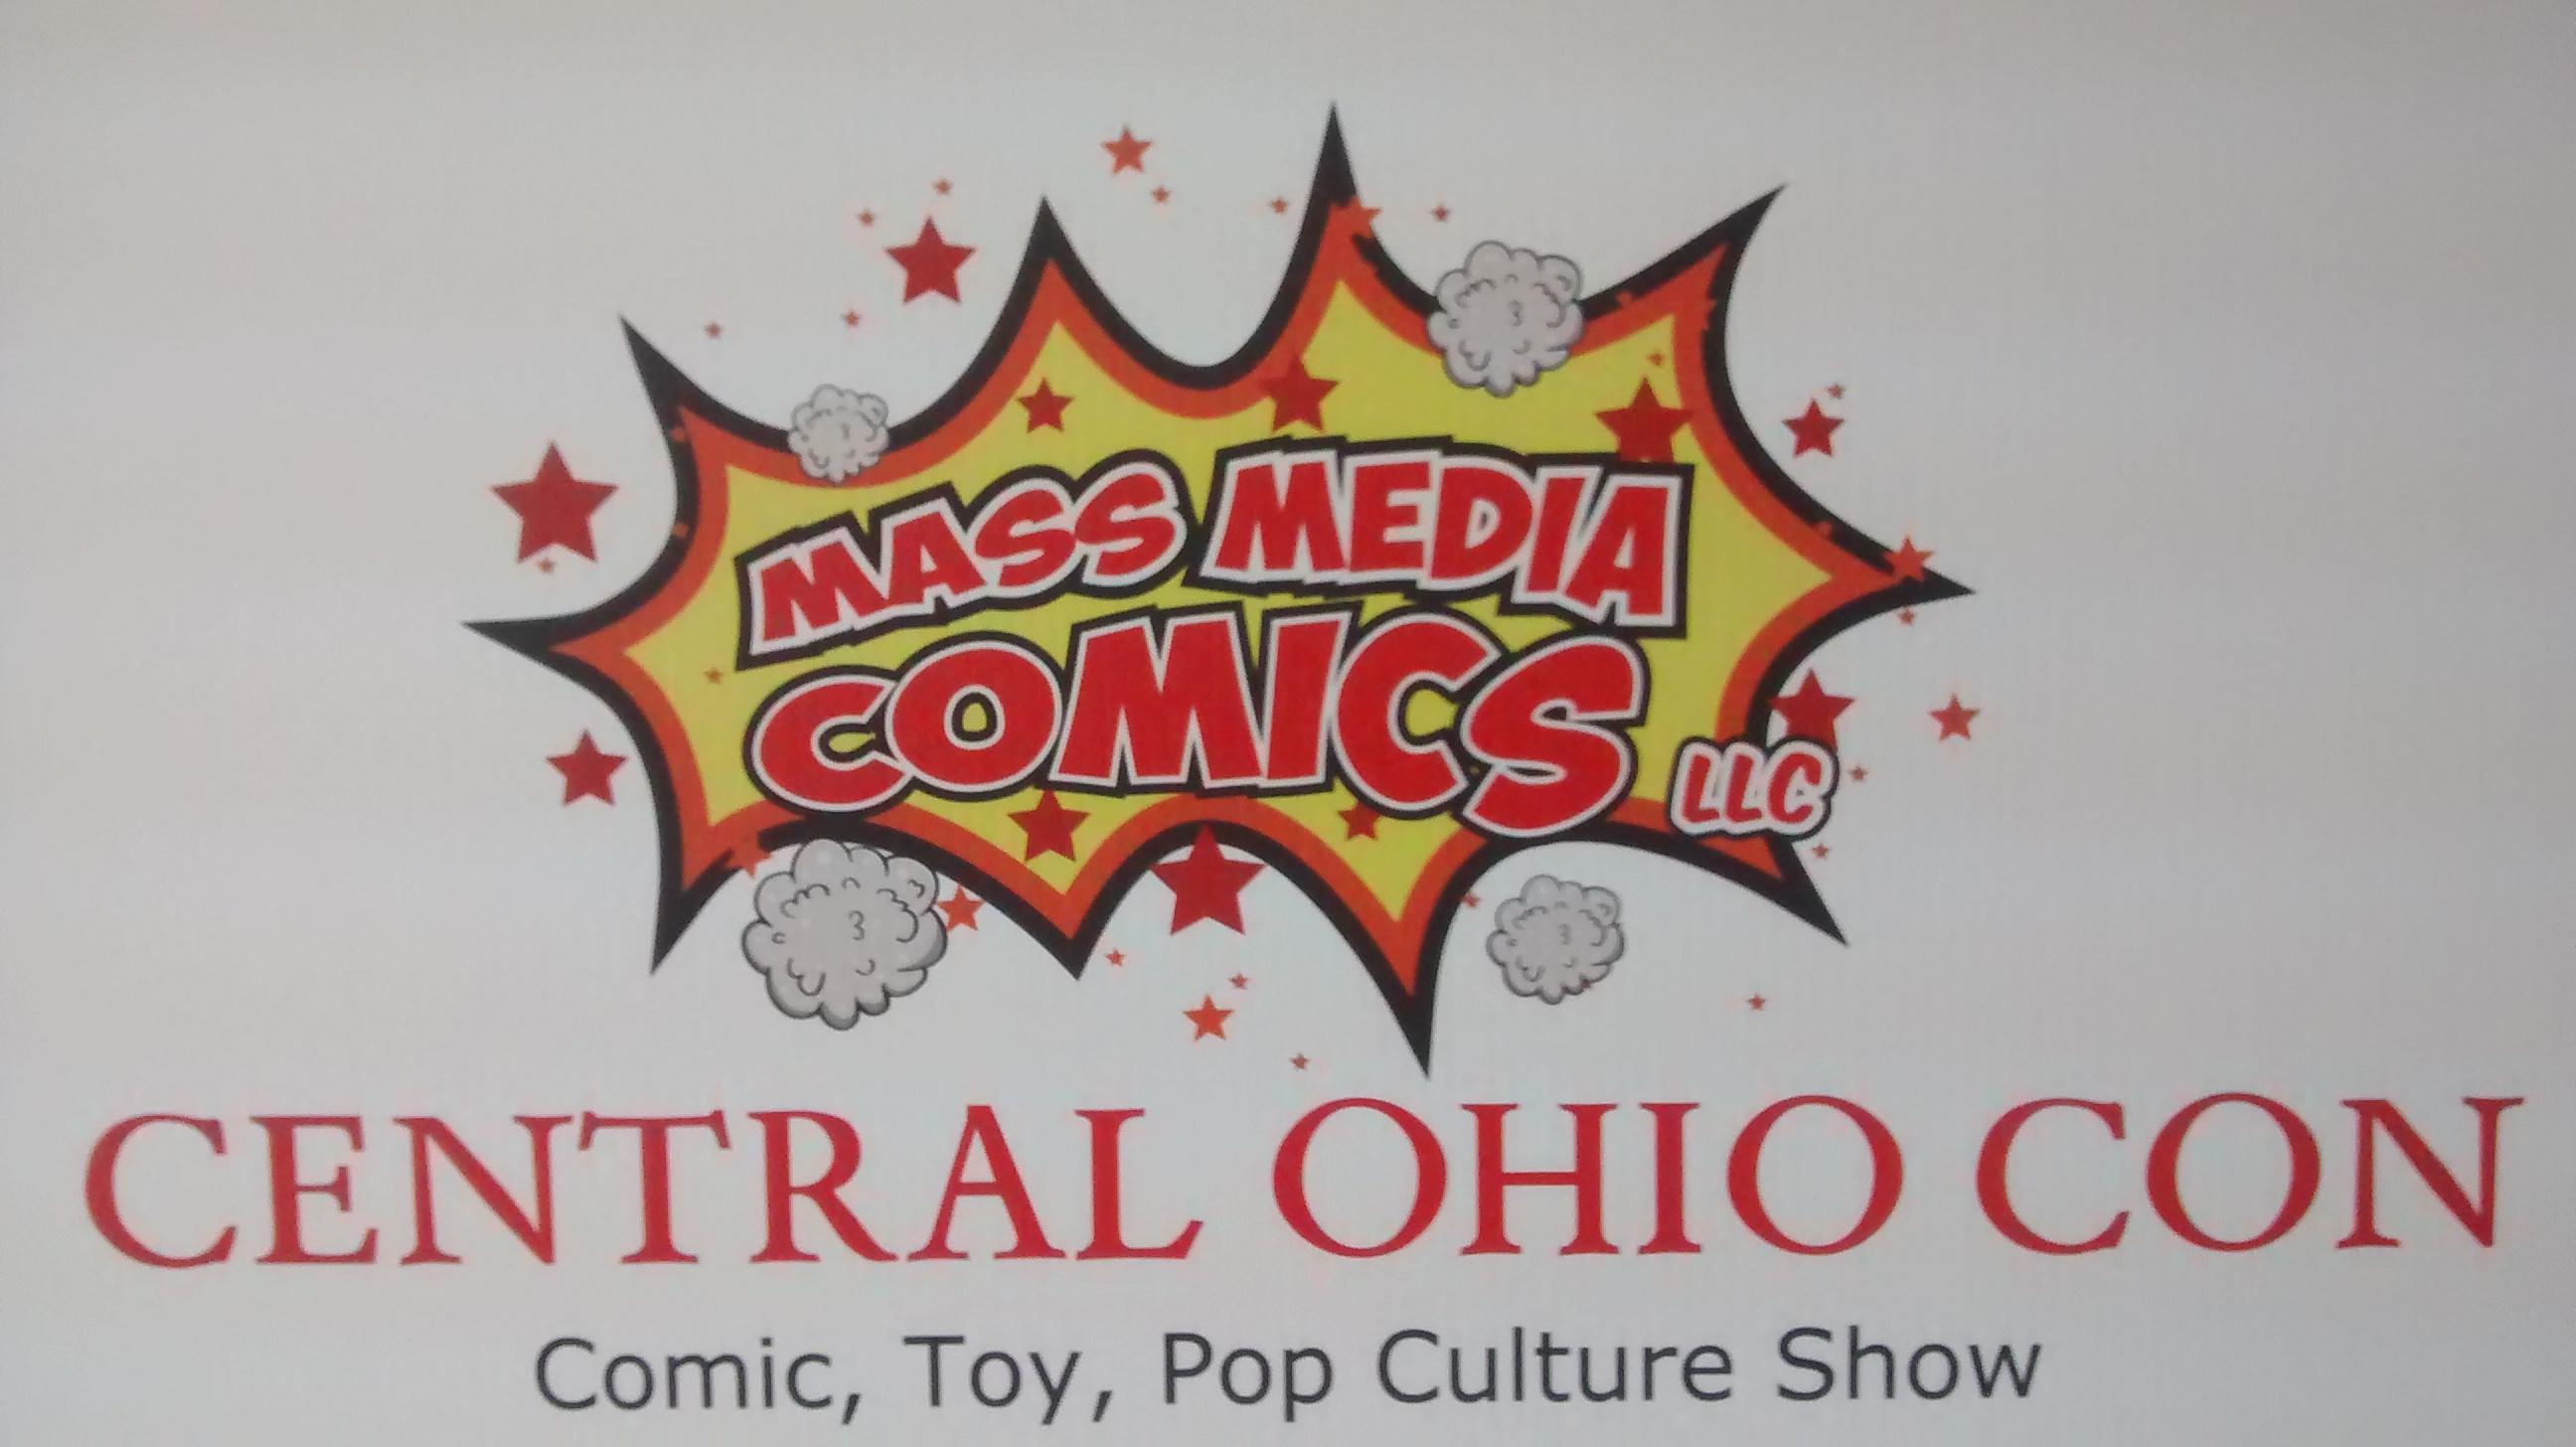 Central Ohio Con